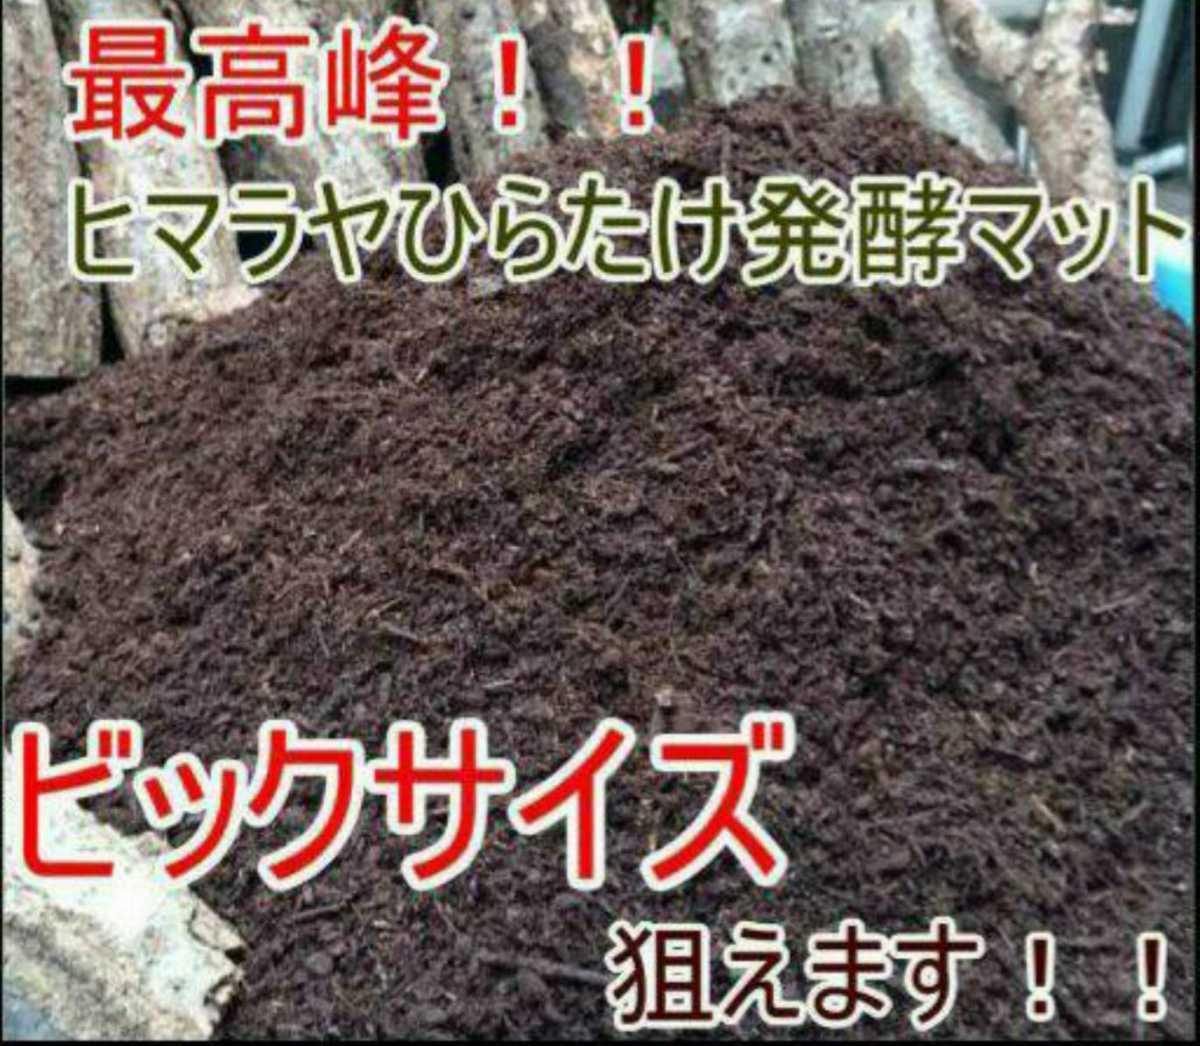 500リットル 幼虫がビッグサイズになります!ヒマラヤひらたけ菌床発酵マット!栄養価抜群!クヌギ100%原料 幼虫の餌、産卵マットにも抜群_画像2